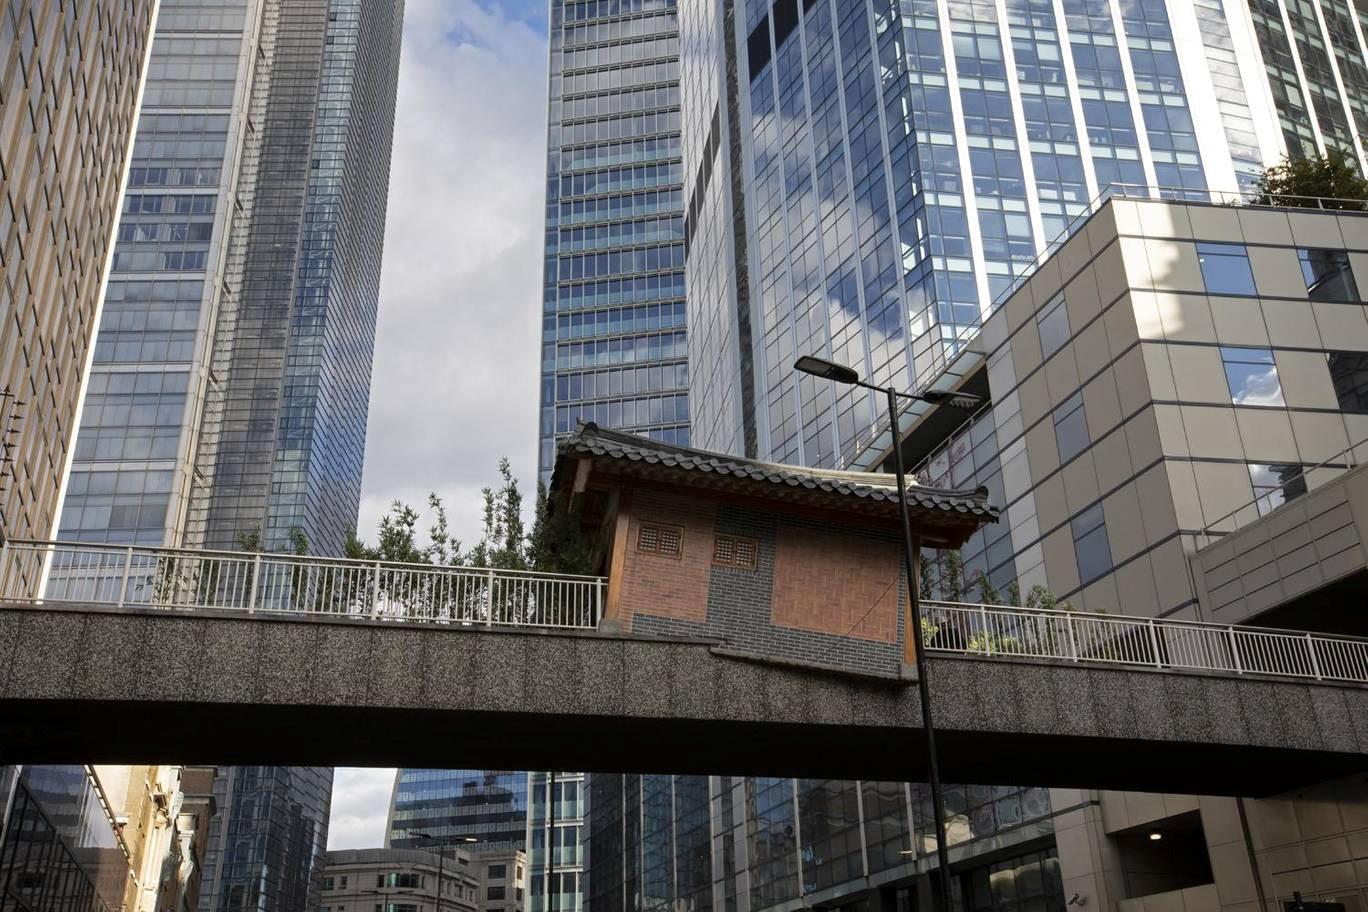 Nhà cổ Hàn Quốc bất ngờ 'hạ cánh' giữa cầu đi bộ London